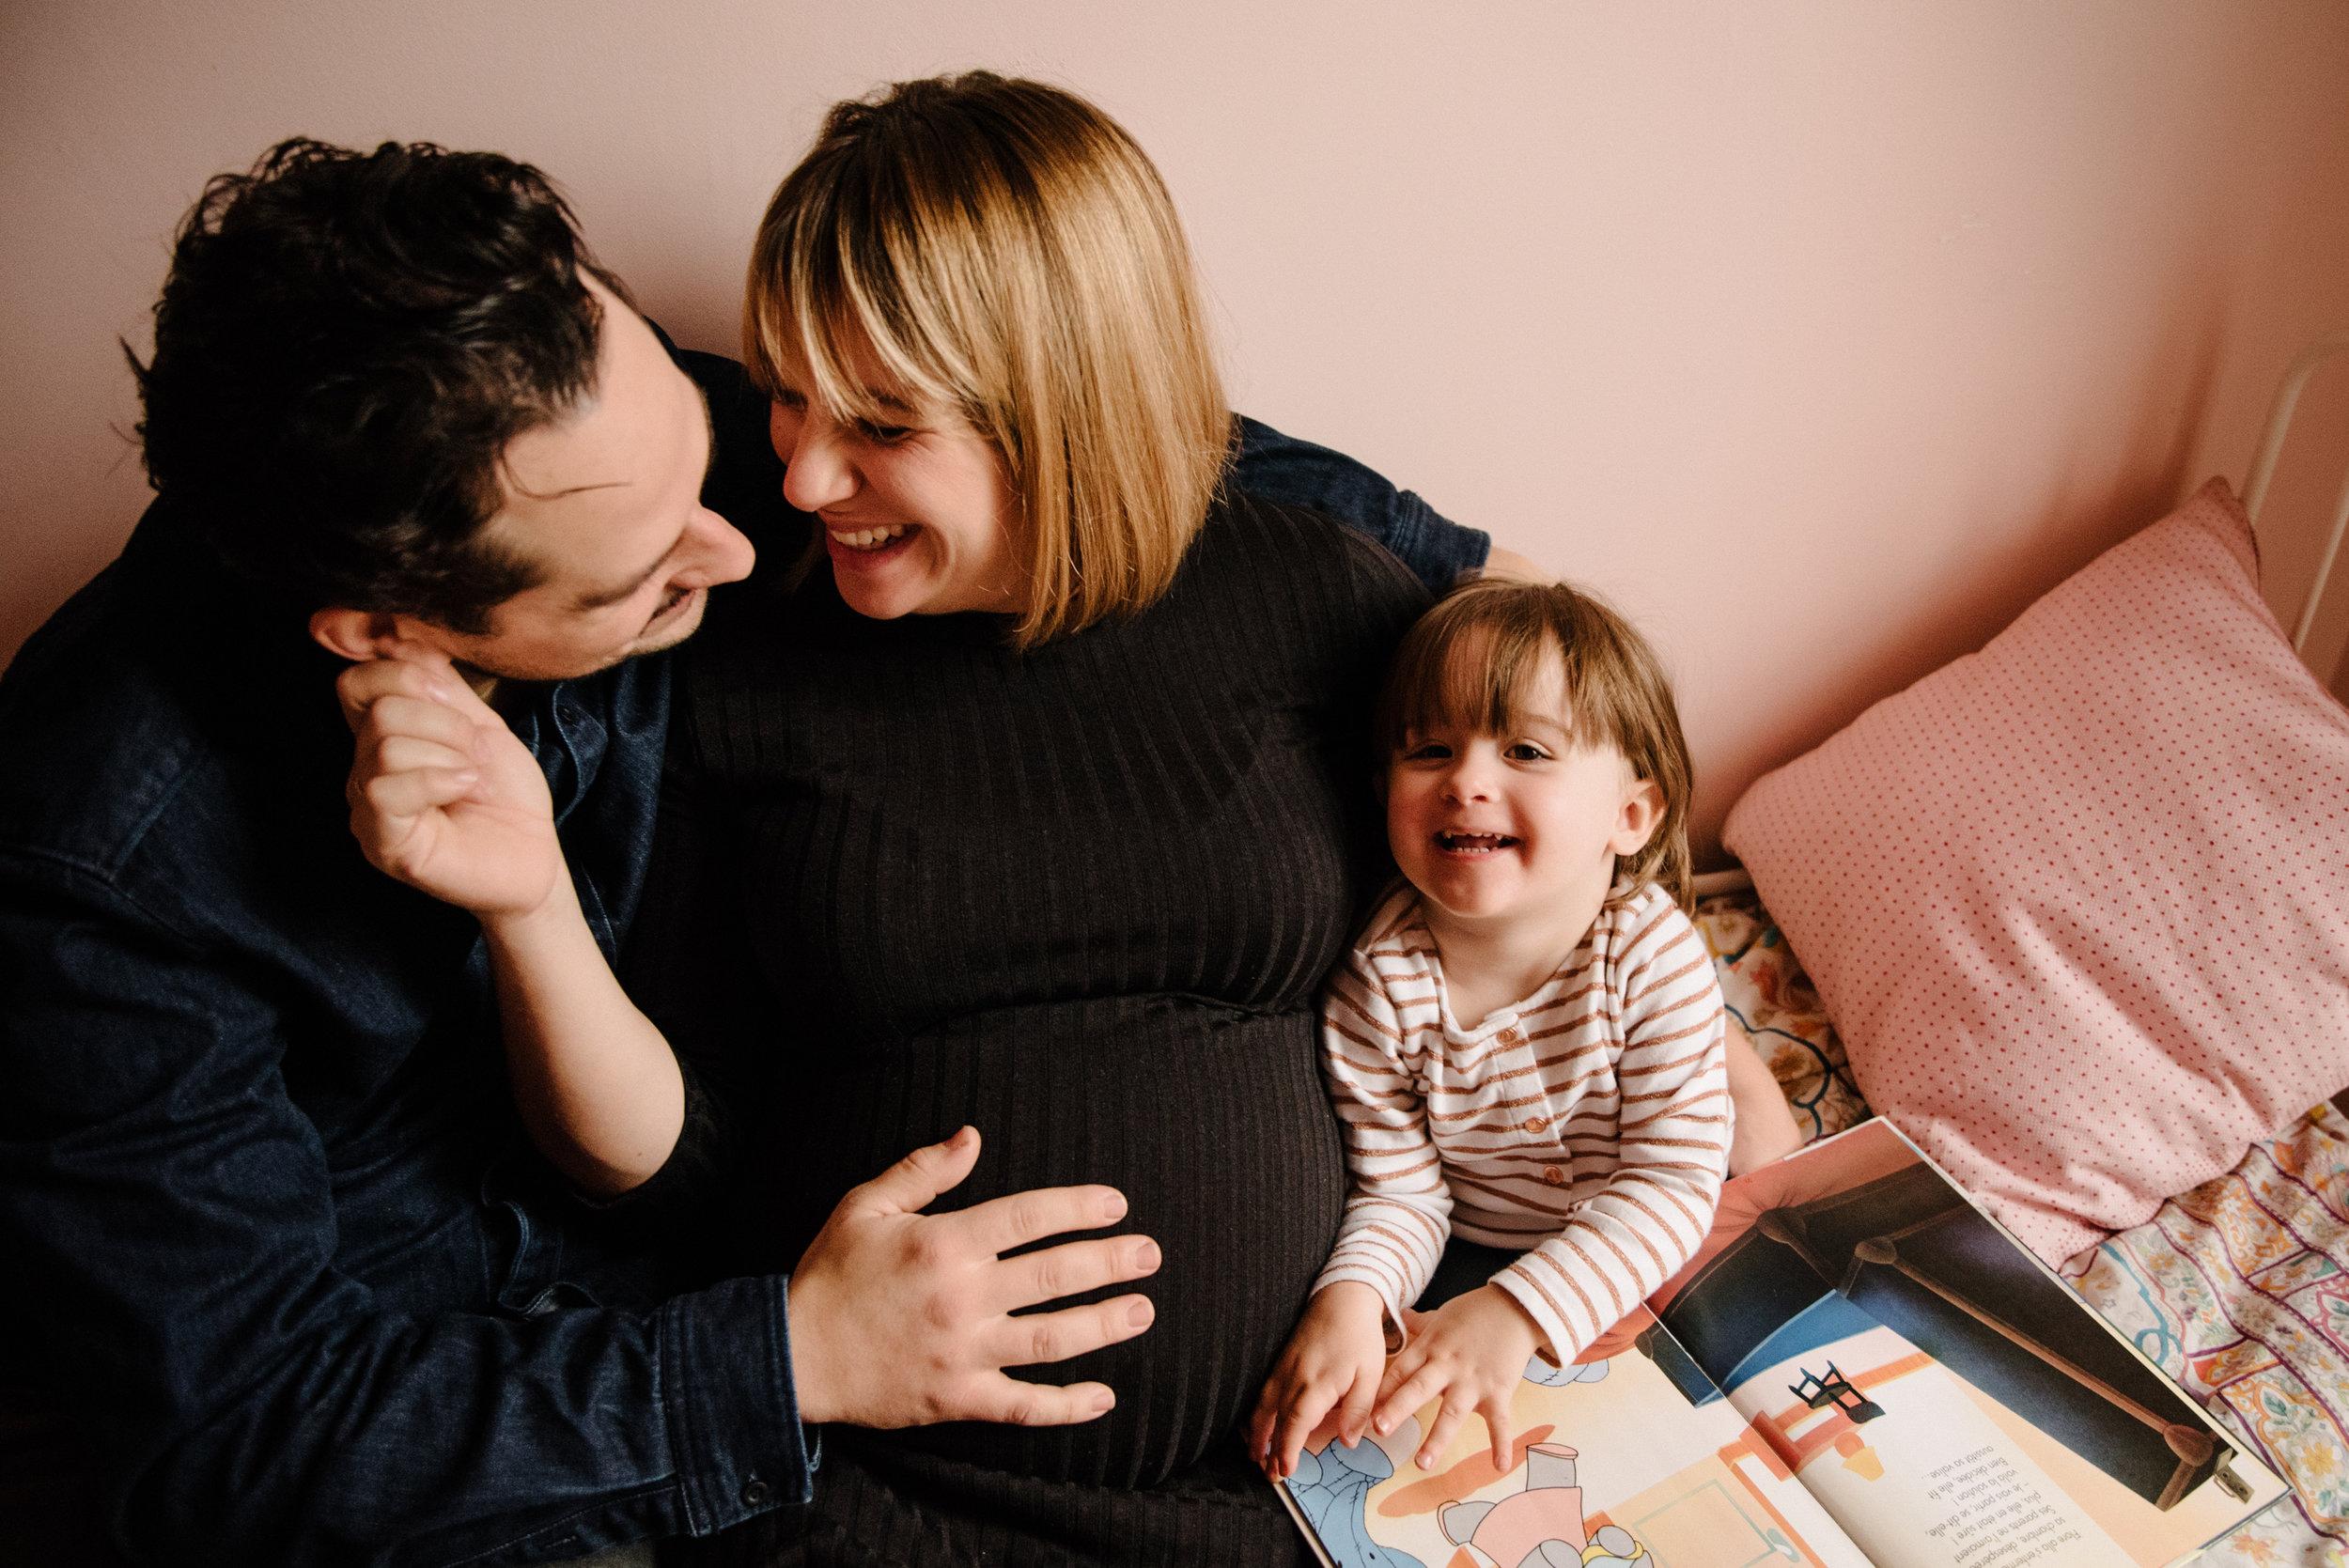 photo-d-une-famille-avec-maman-enceinte-qui-lit-et-joue-sur-un-lit-photographe-lifestyle-maternite-et-nouveau-ne-a-montreal-marianne-charland-154.jpg